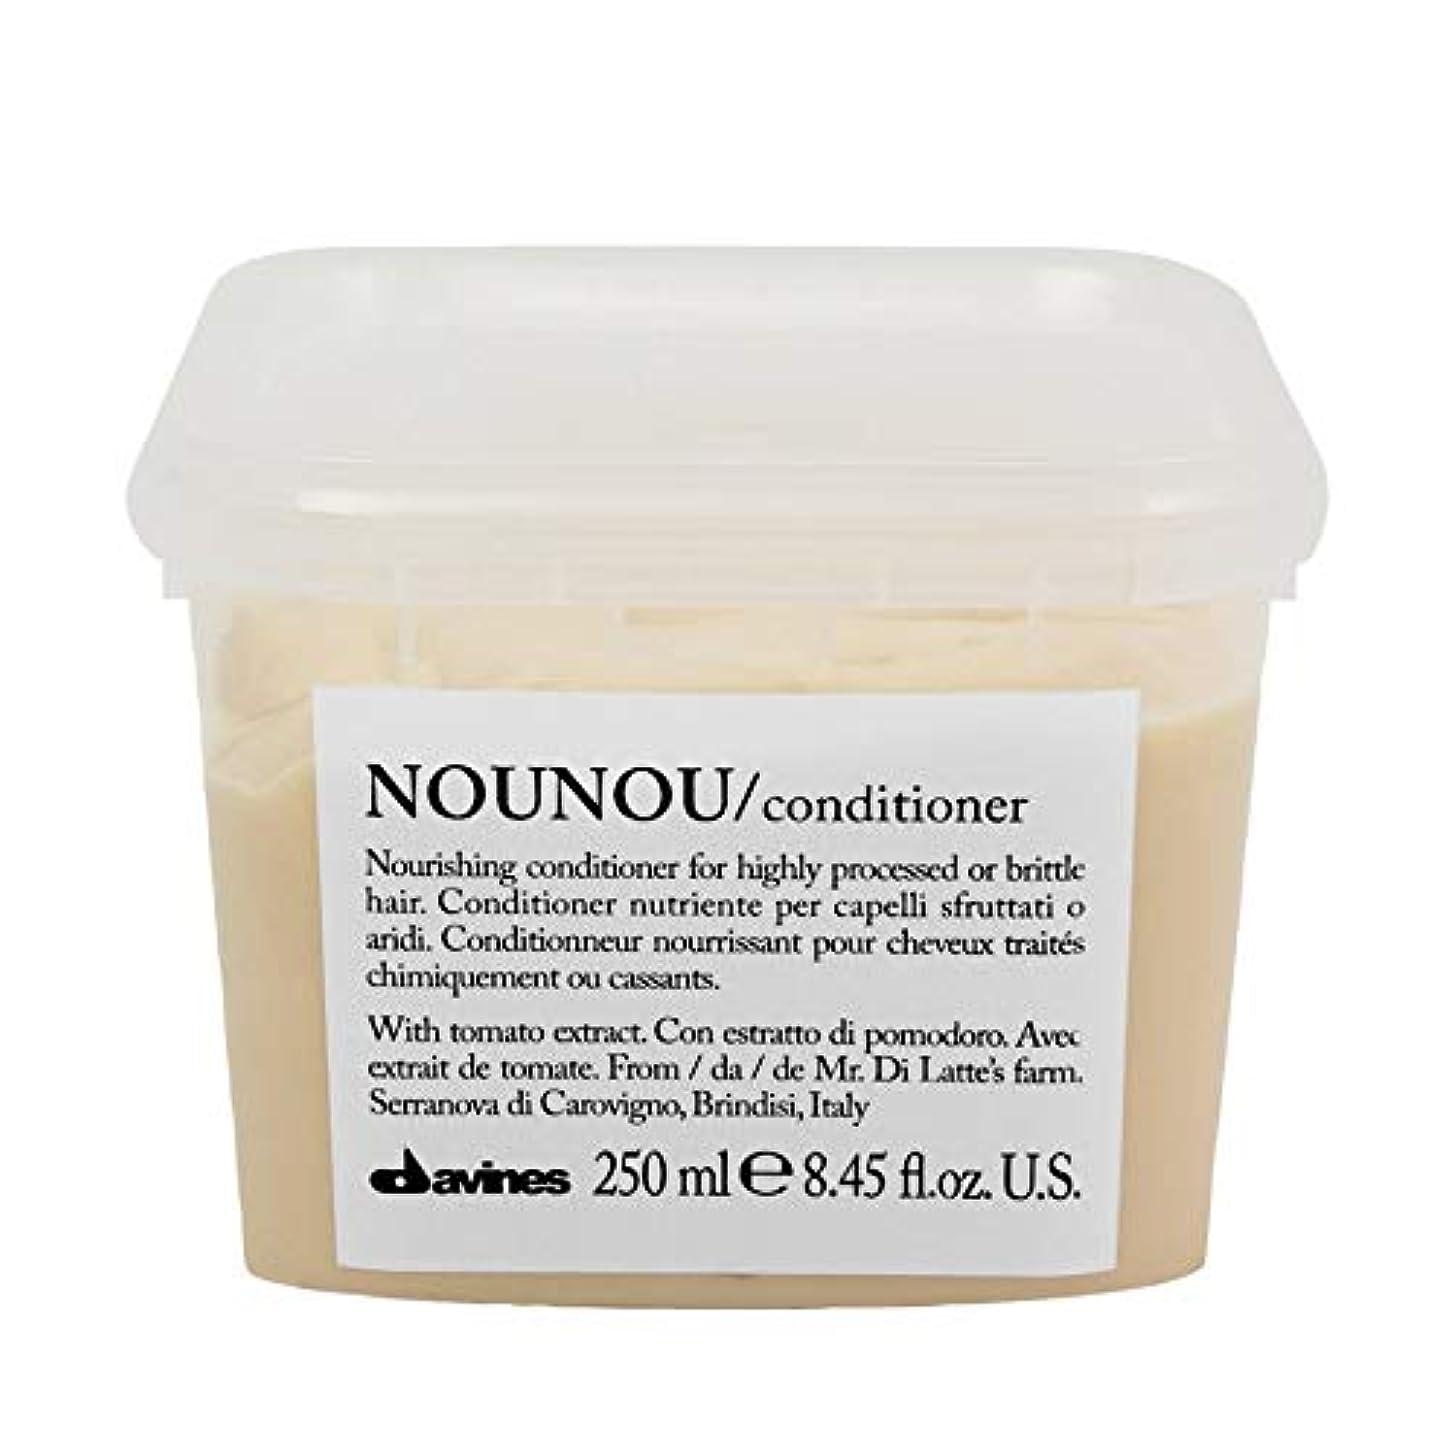 クレデンシャルカタログアレルギー[Davines ] ダヴィネスノウノウコンディショナー250ミリリットル - Davines Nounou Conditioner 250ml [並行輸入品]